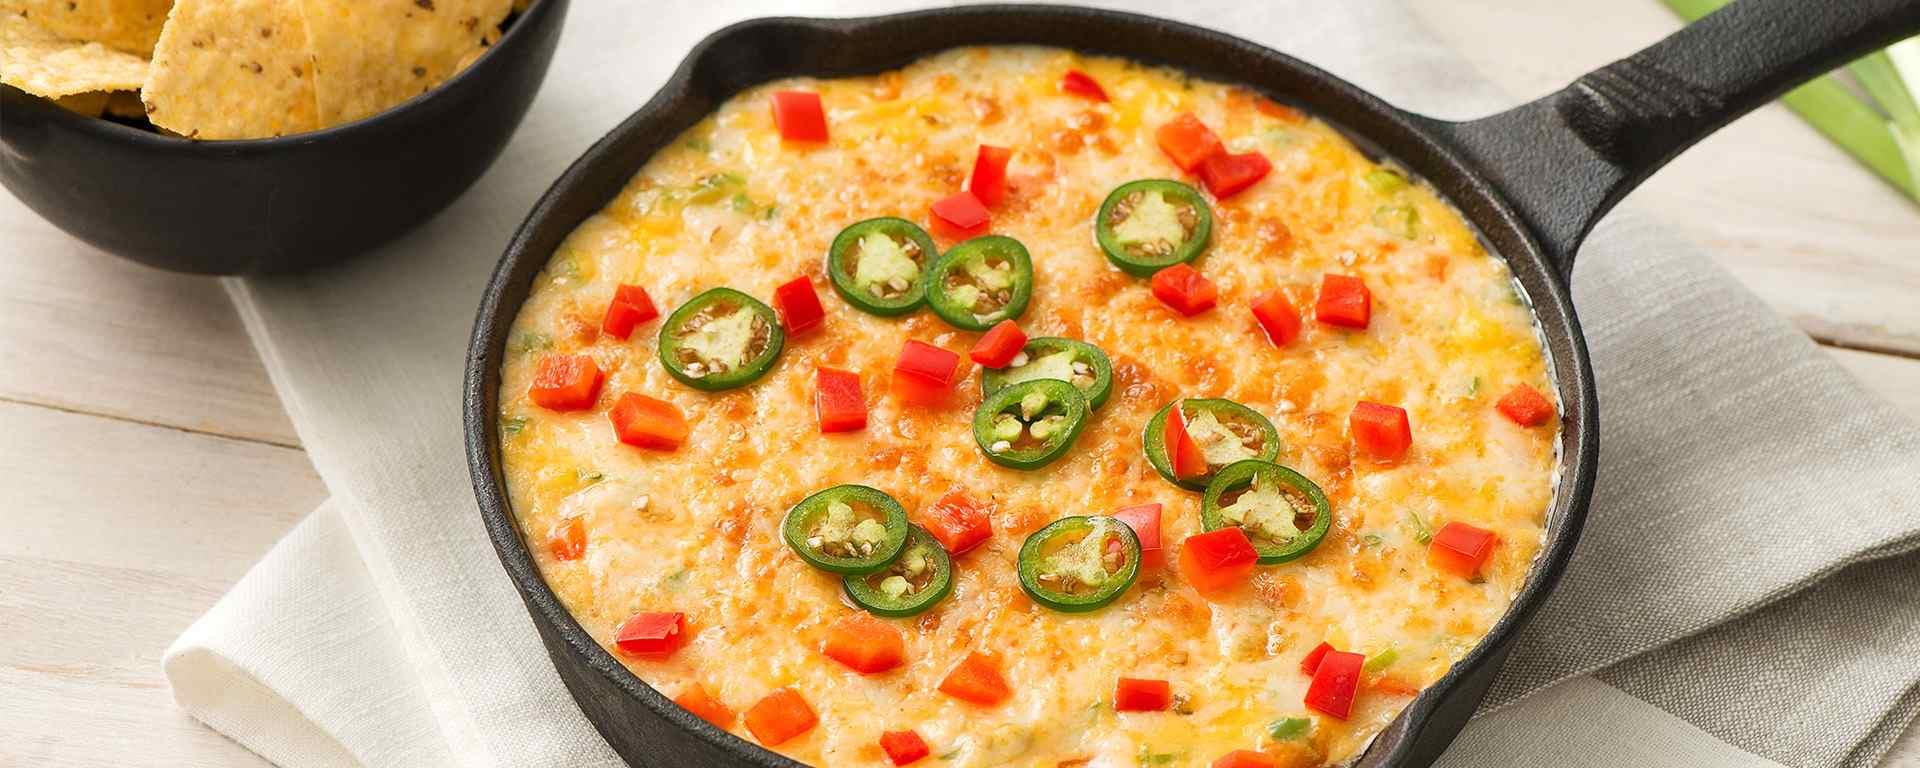 Photo for - Trempette mexicaine au maïs